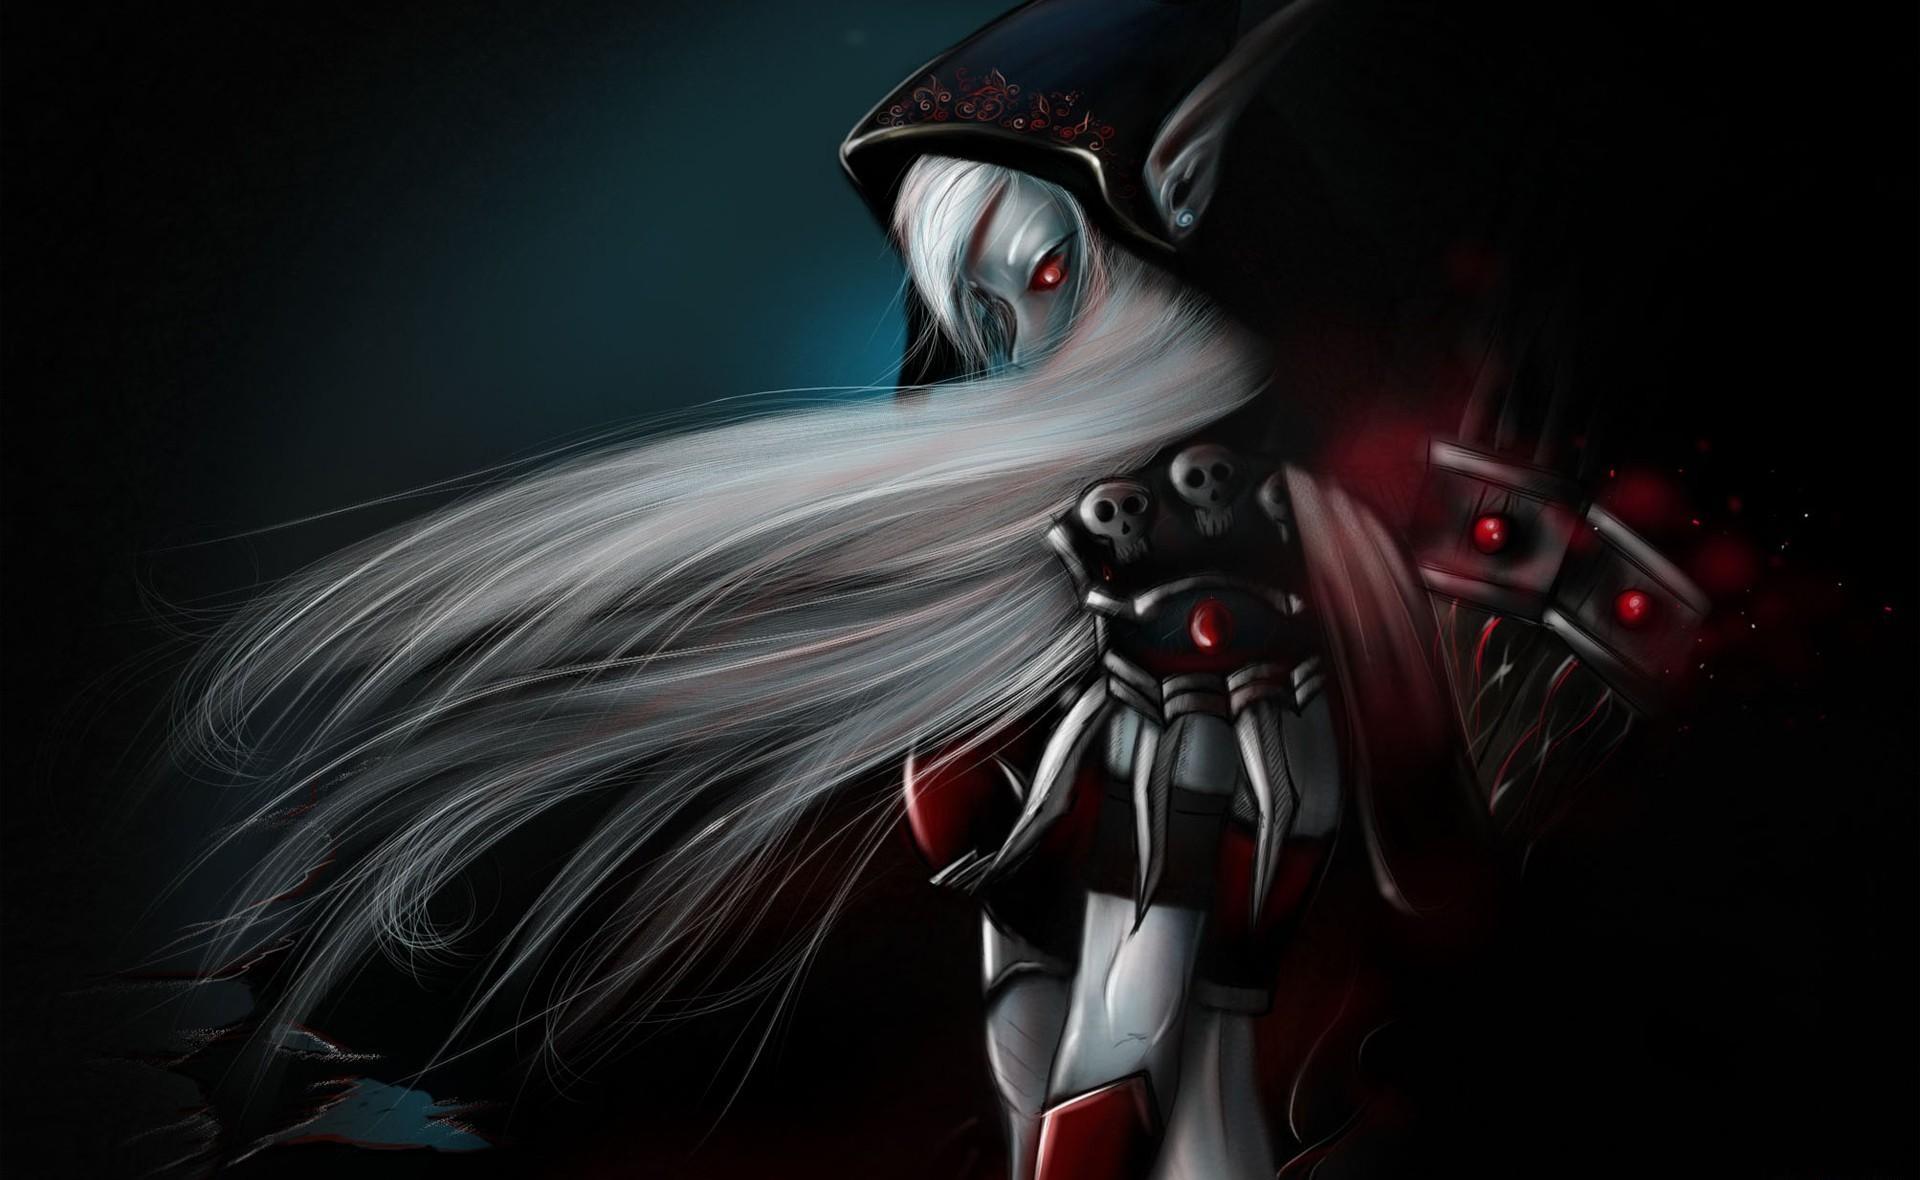 аниме девушки демоны картинки на рабочий стол